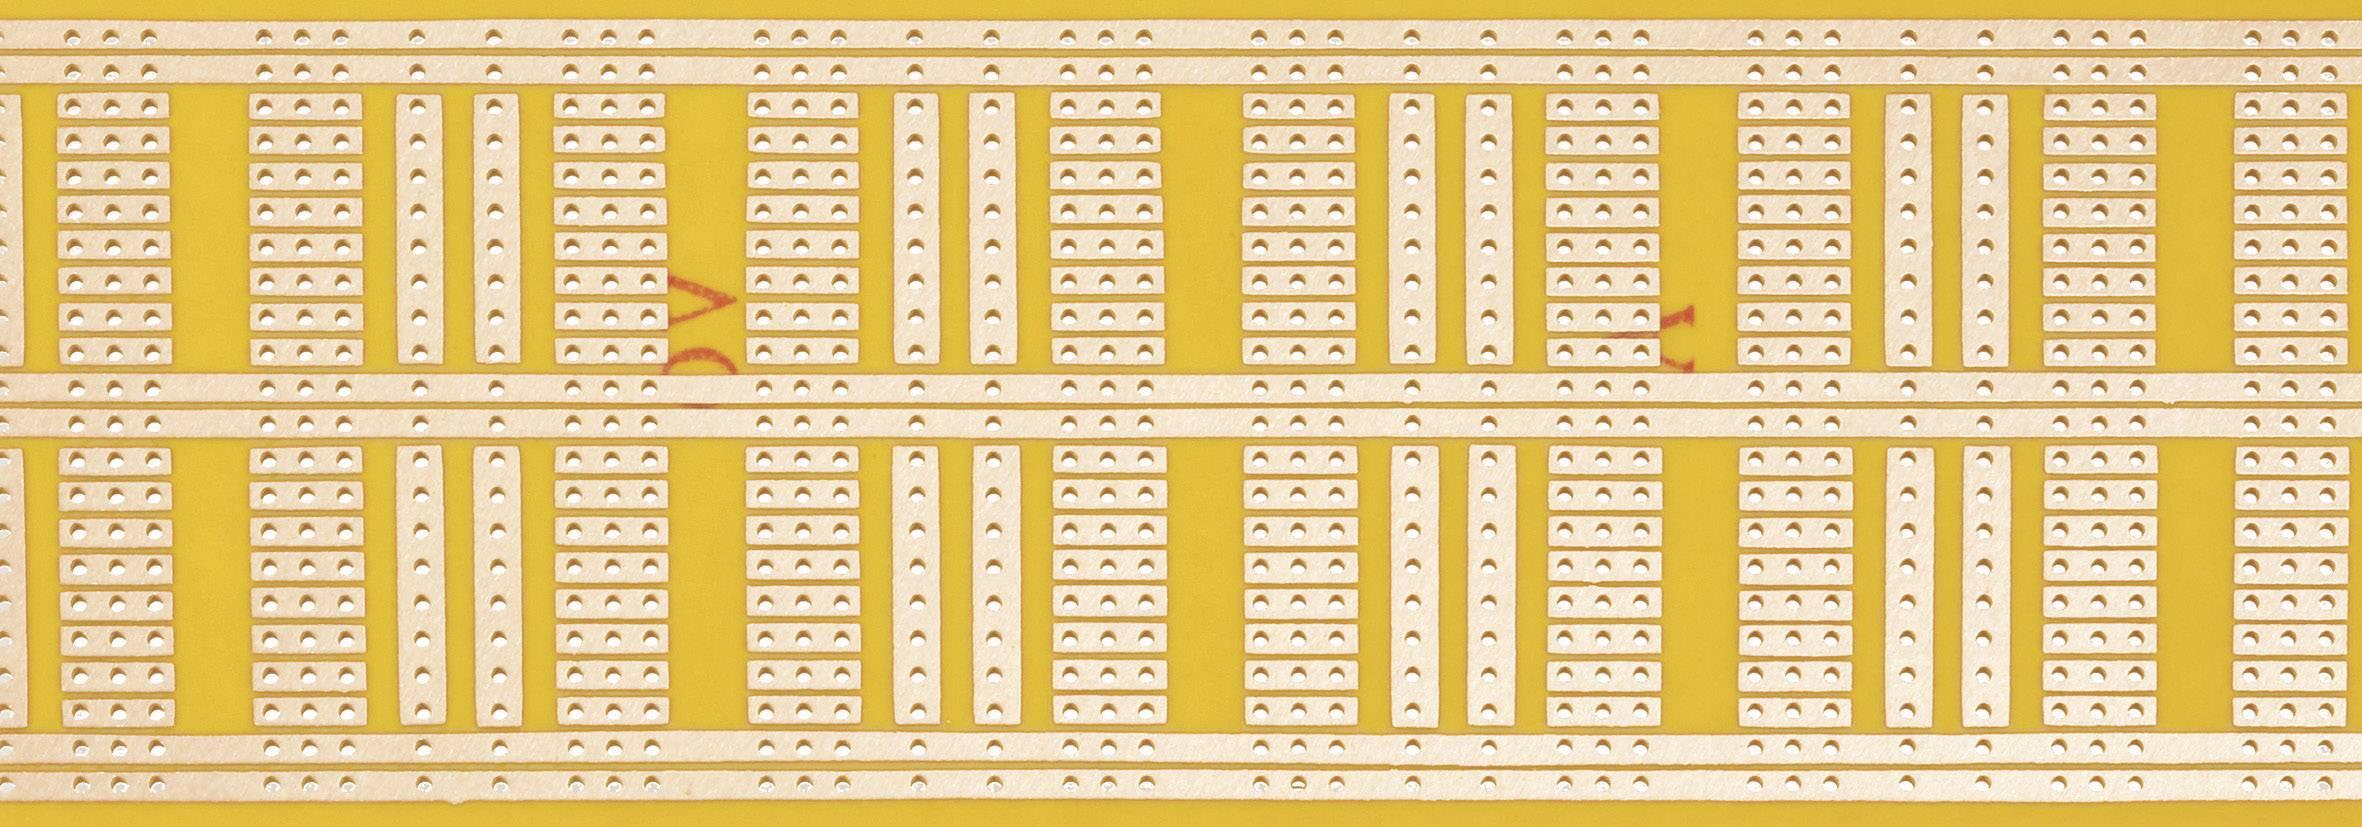 Laboratorní deska WR Rademacher VK C-930-1-HP, 160 x 60 x 1,5 mm, HP